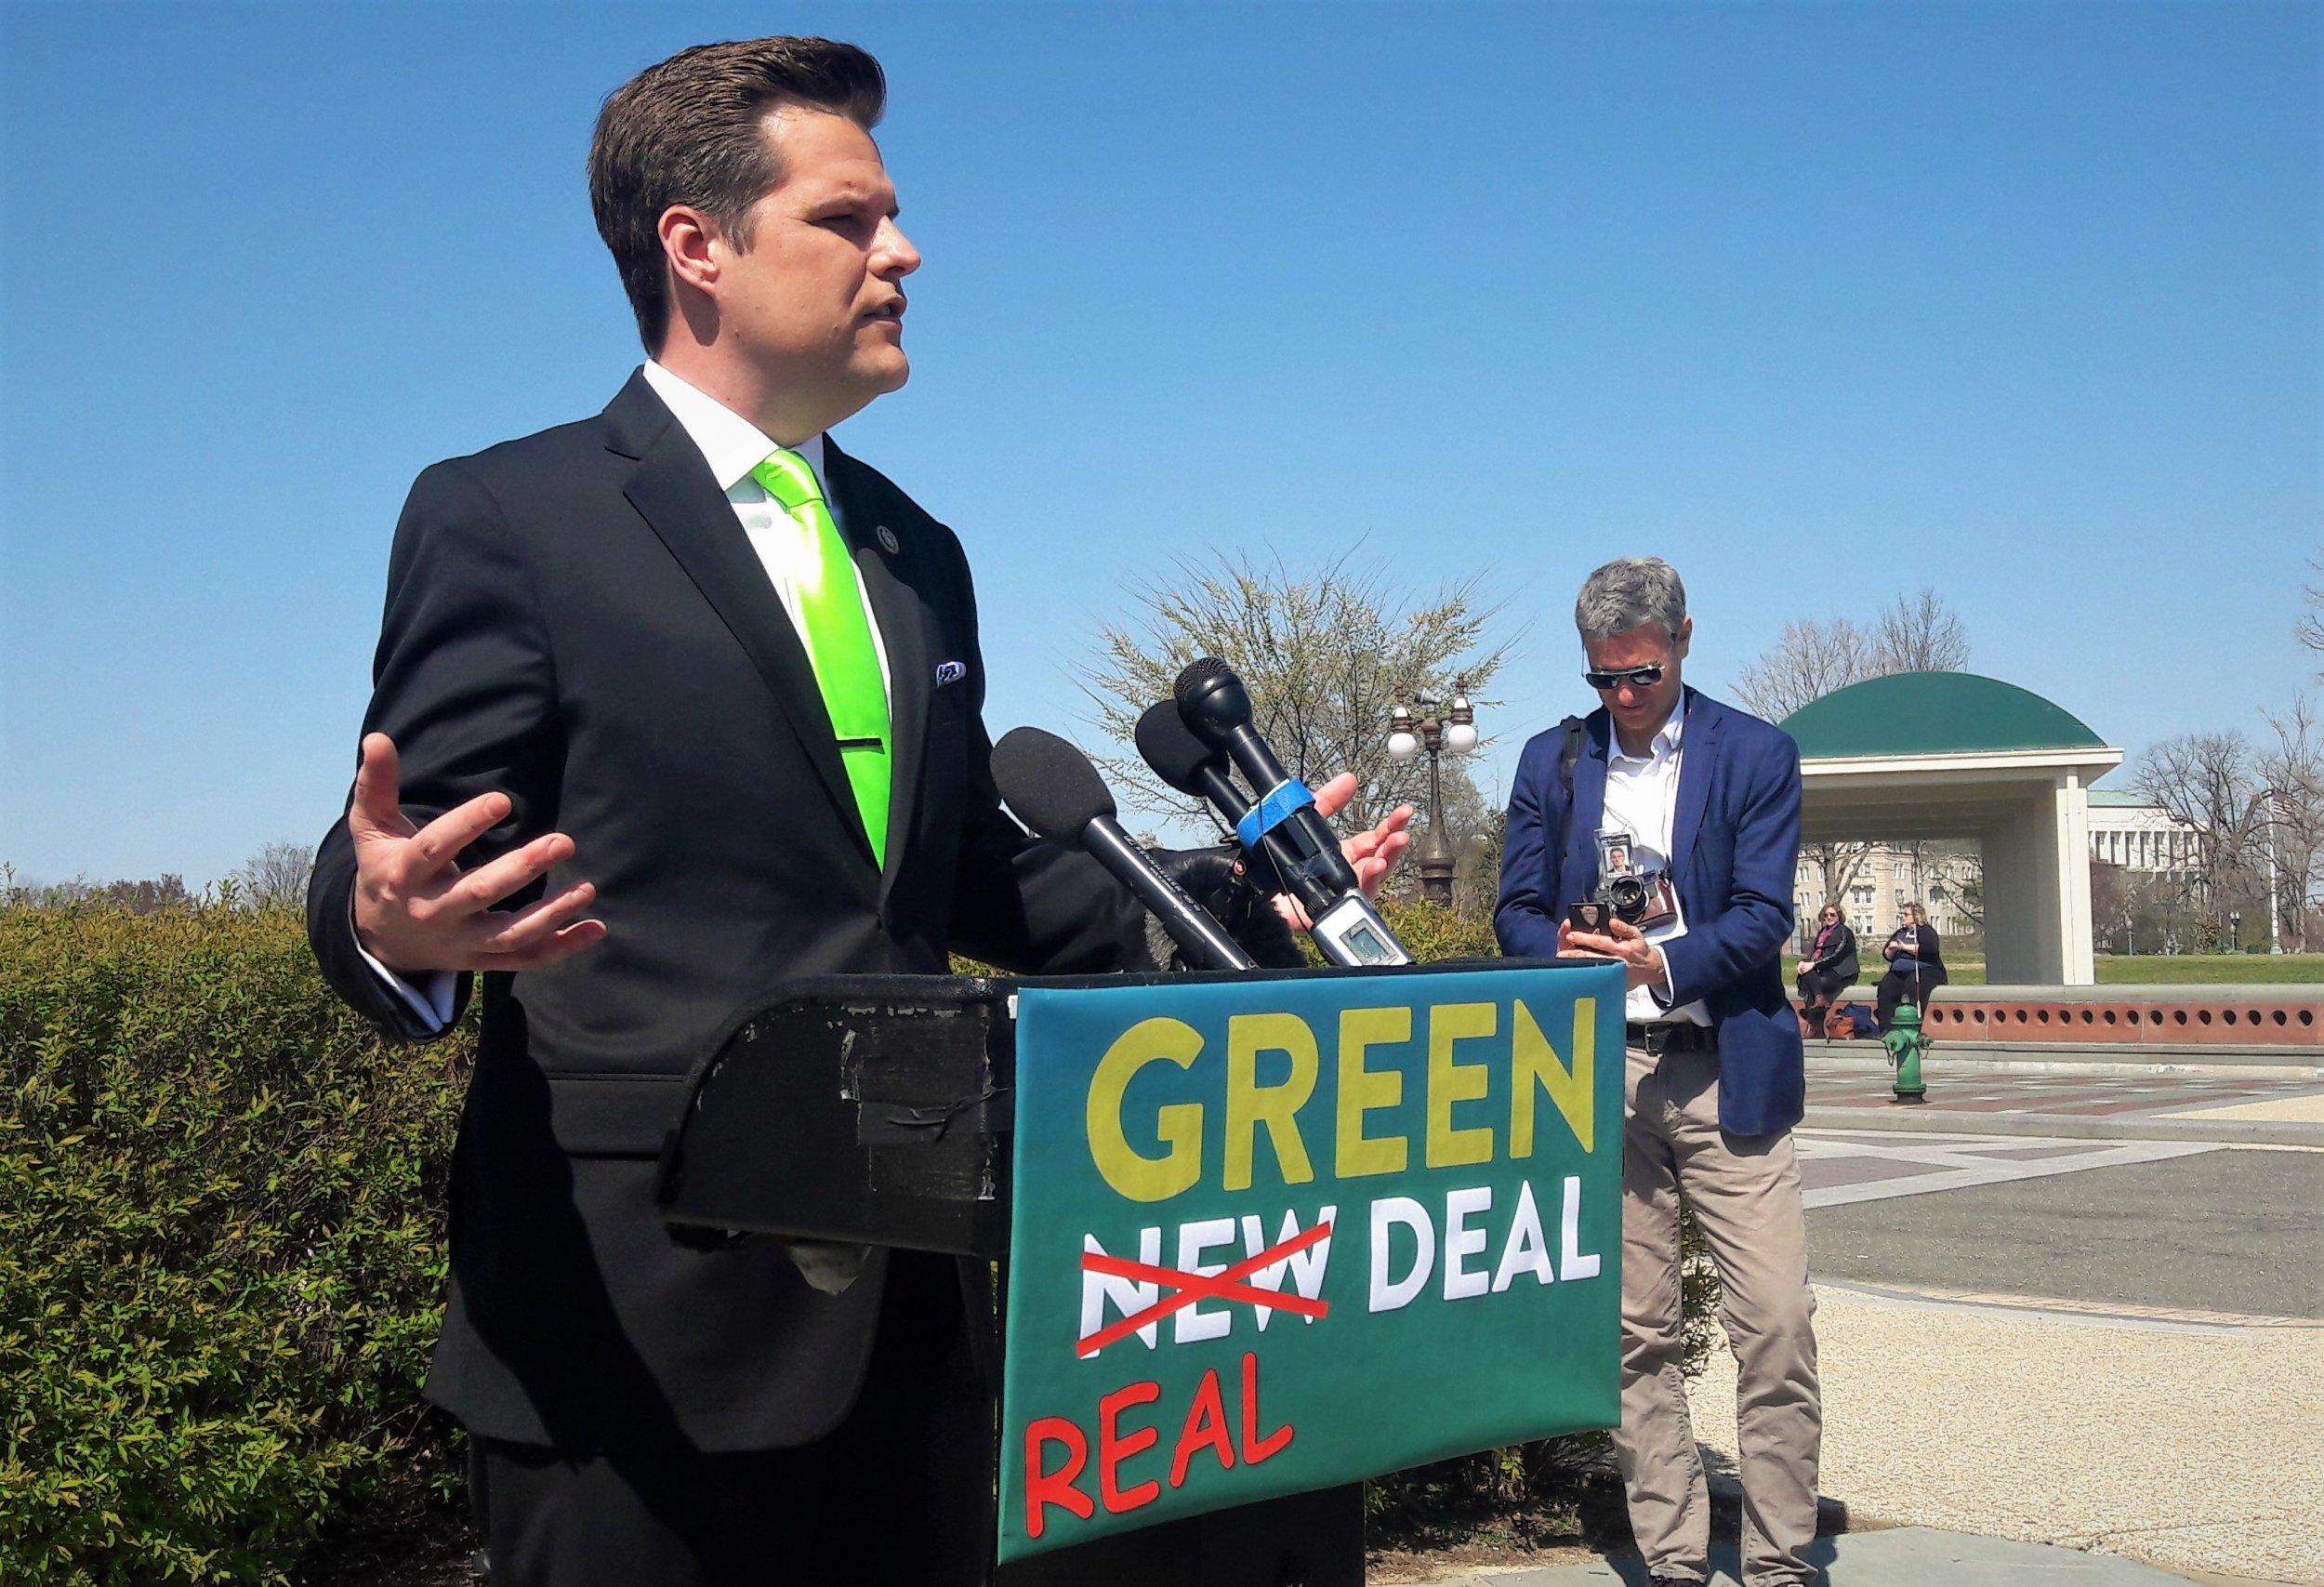 Matt Gaetz, Green Real Deal